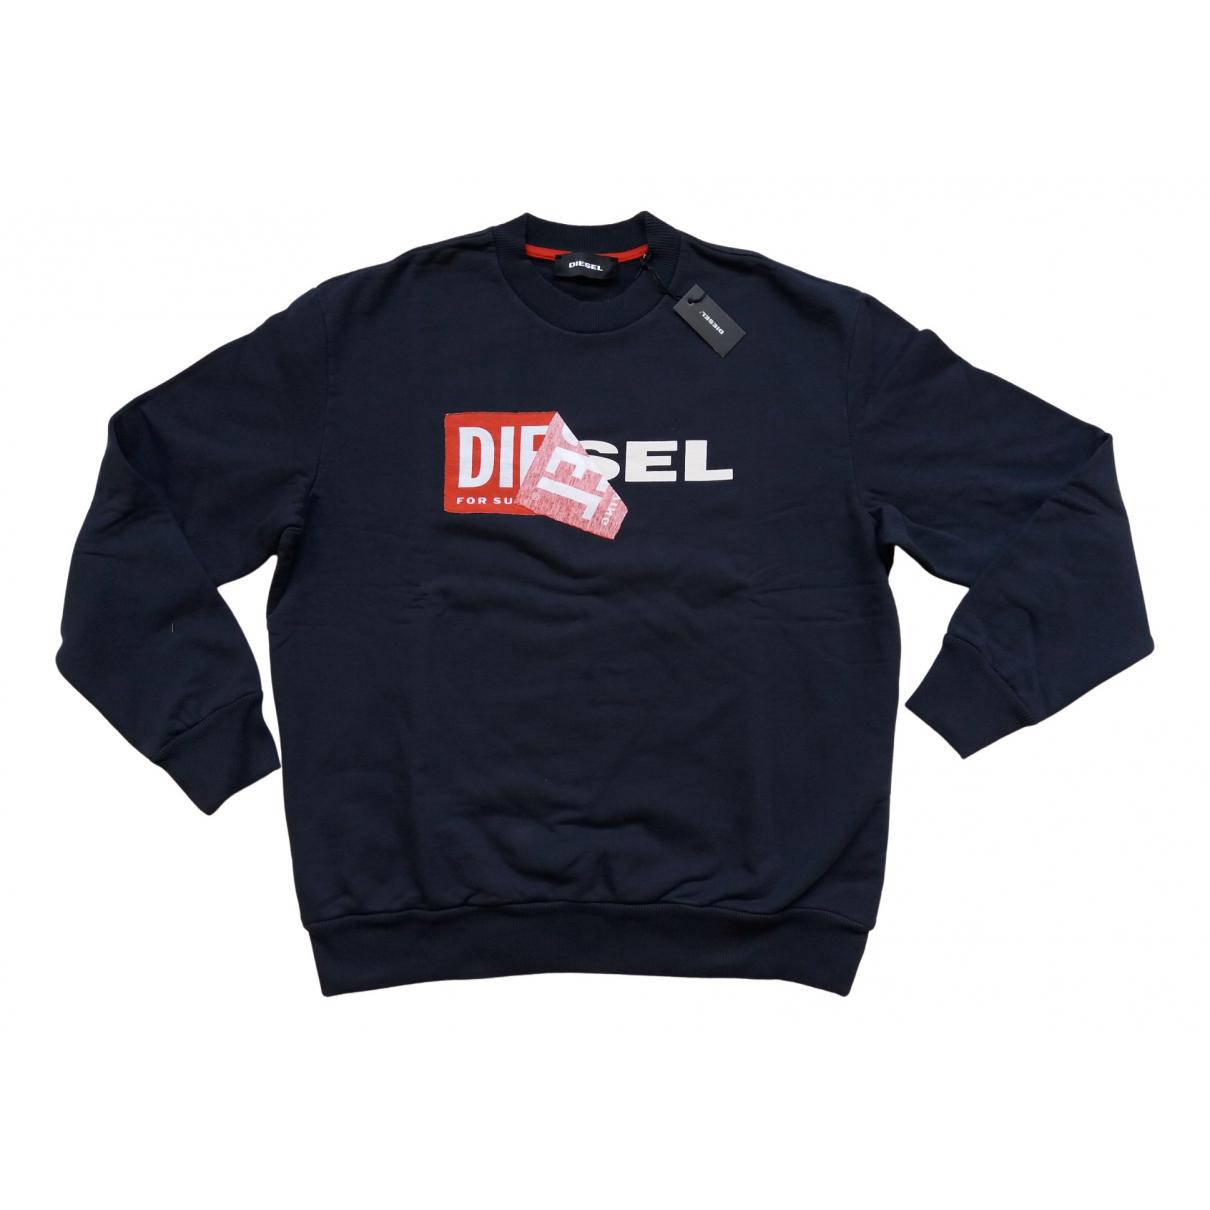 Diesel - Pulls.Gilets.Sweats   pour homme en coton - marine